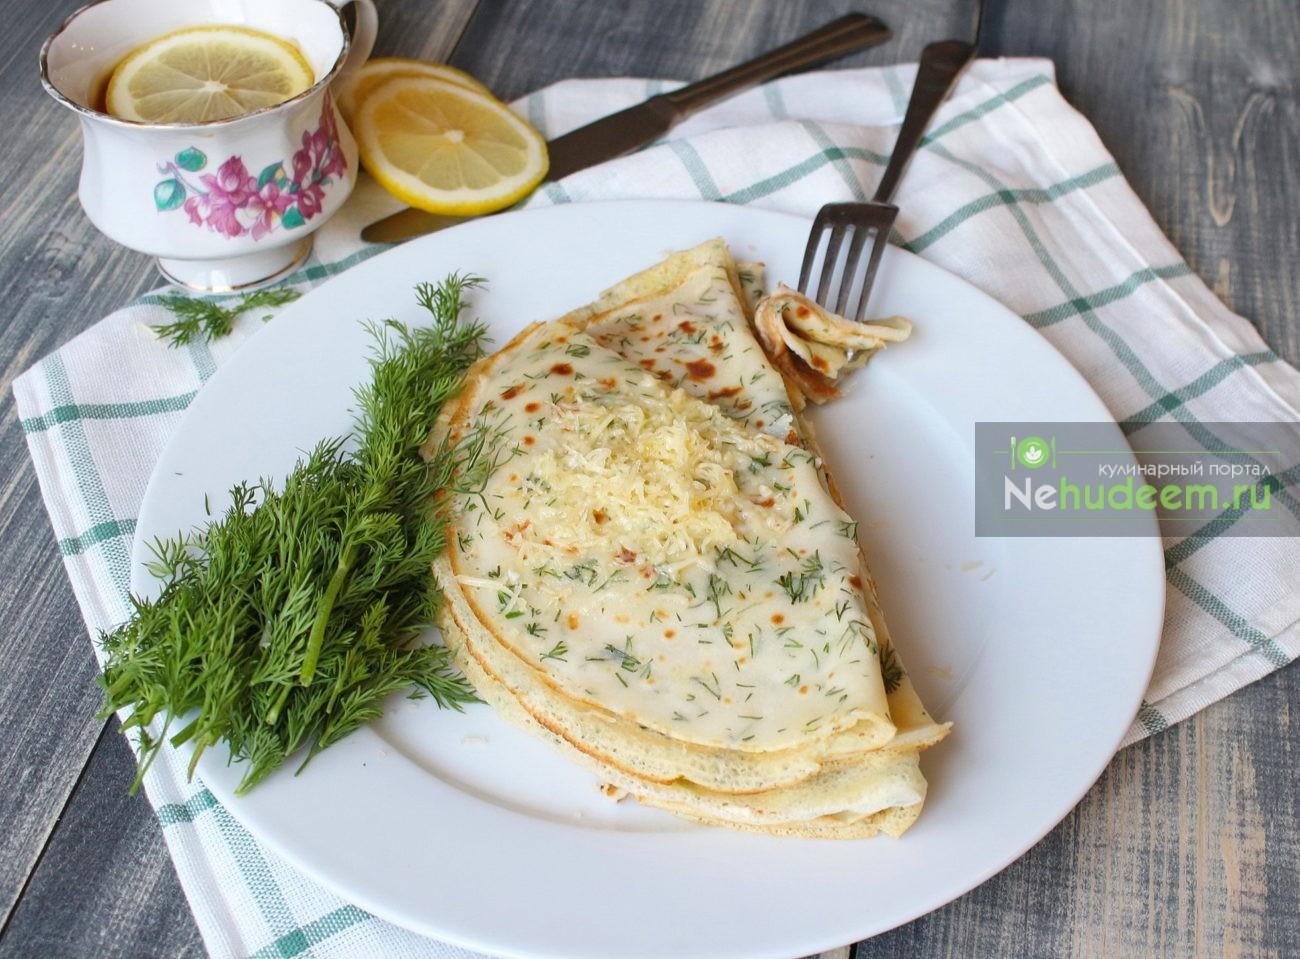 Блинчики с зеленью и сыром рецепт пошагово в